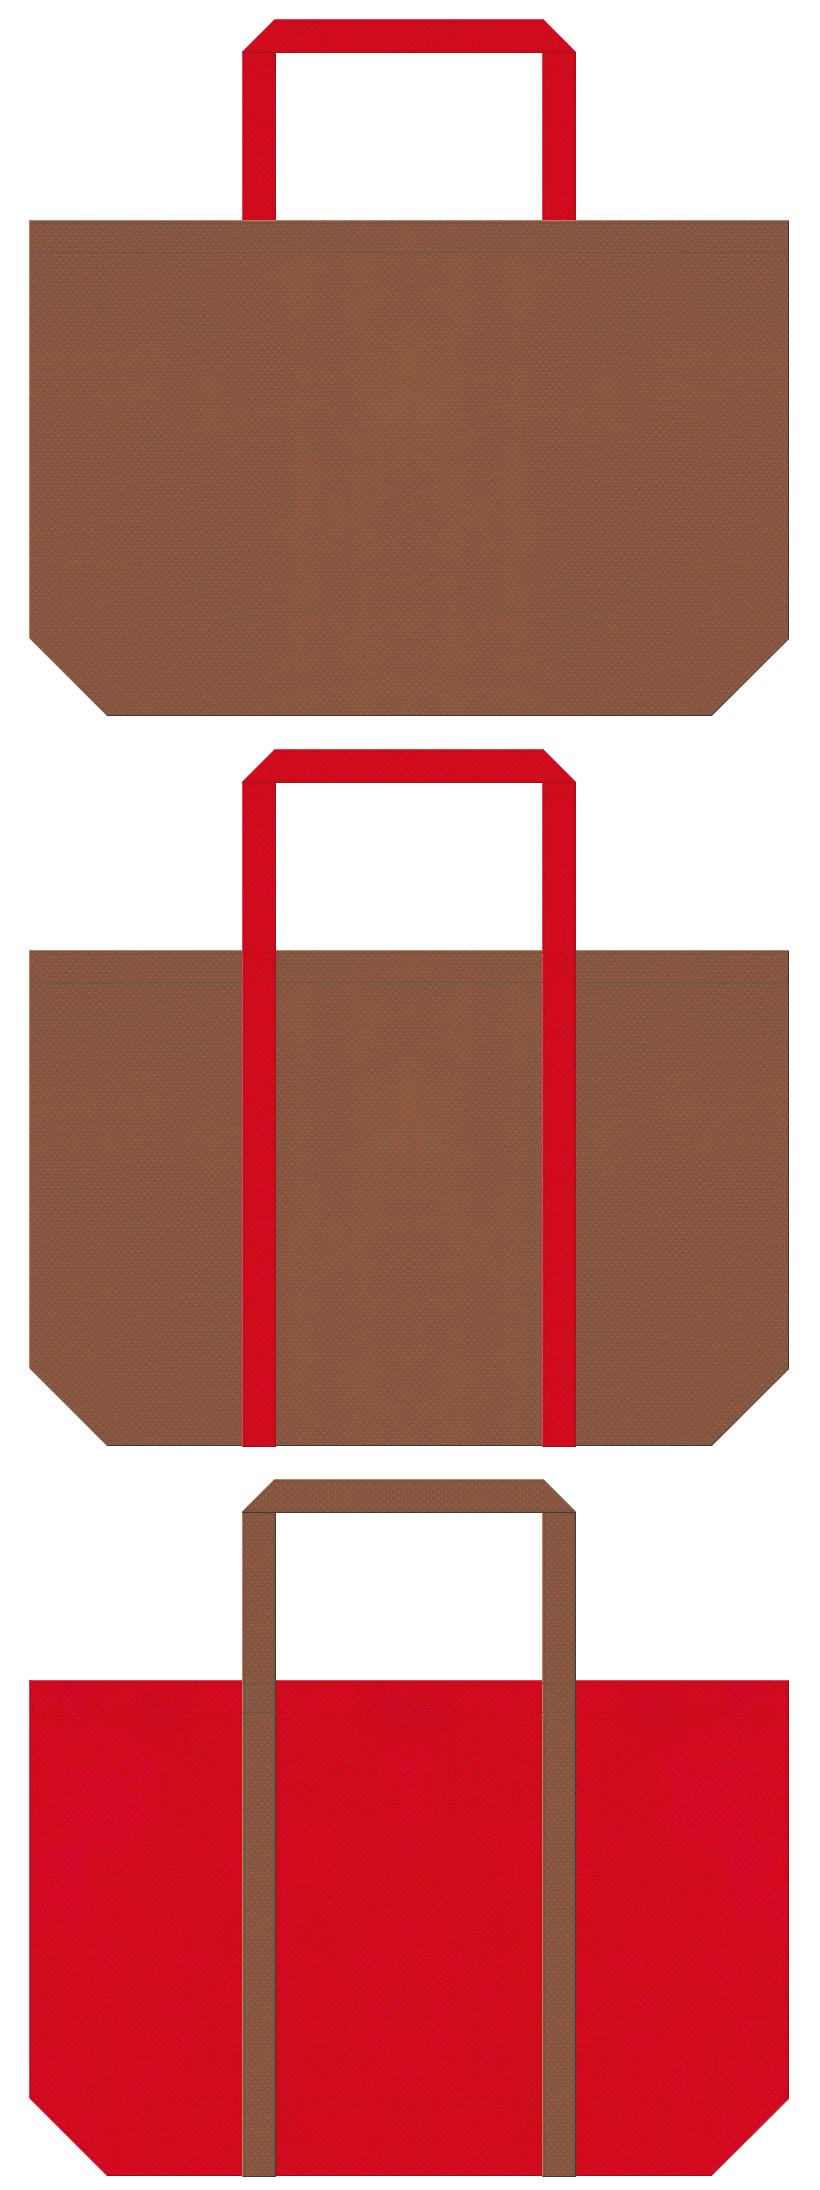 甘味処・野点傘・和傘・邦楽演奏会・茶会・お祭り・凧揚げ・コマ・お正月・和風催事・絵本・おとぎ話・暖炉・ストーブ・暖房器具・トナカイ・クリスマスのショッピングバッグにお奨めの不織布バッグデザイン:茶色と紅色のコーデ